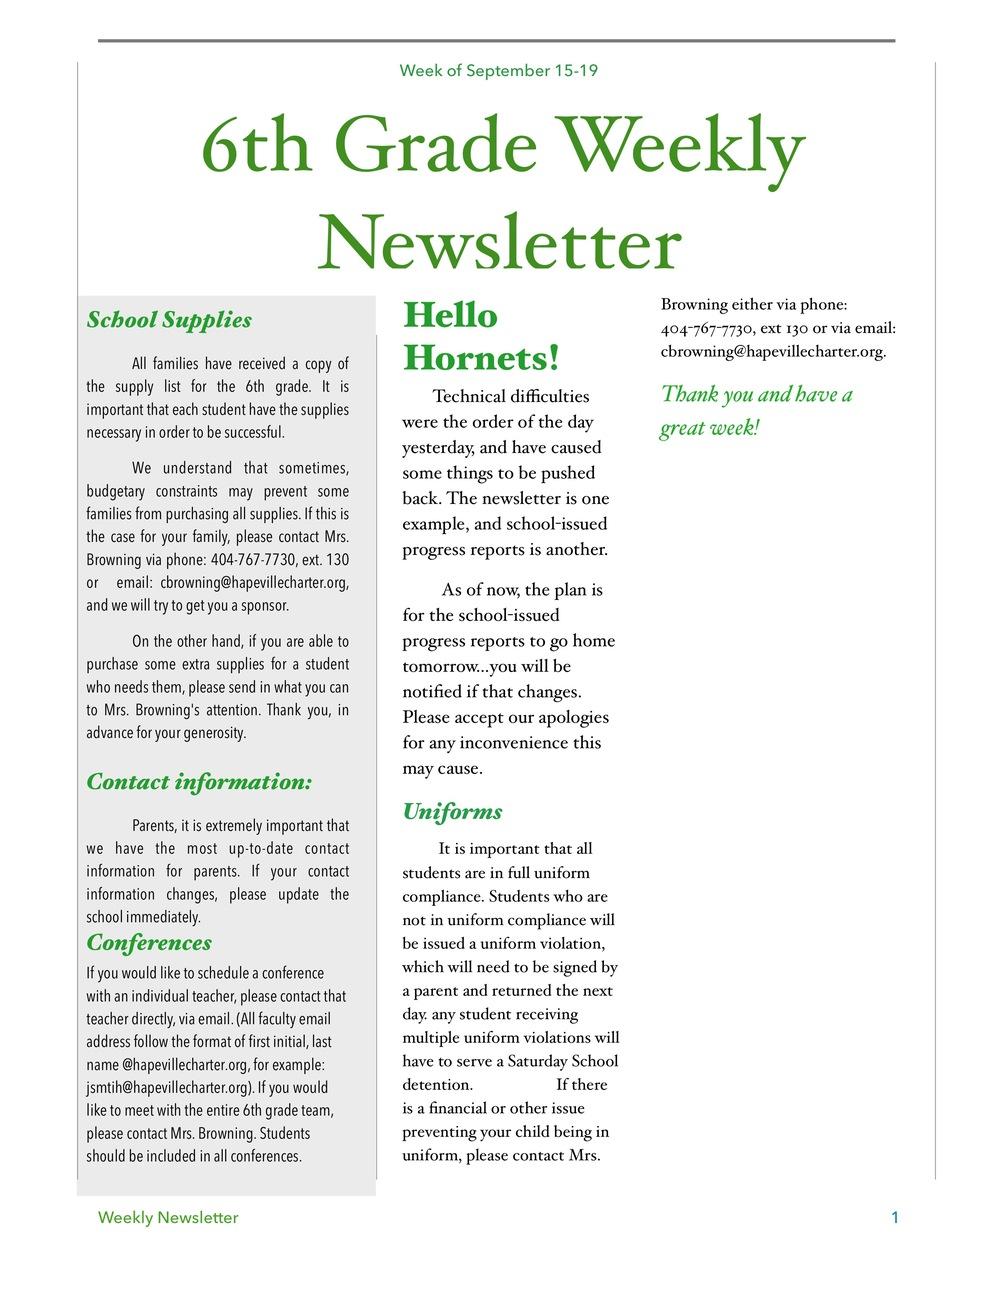 Newsletter ImageSeptember 15-19pdf.jpeg